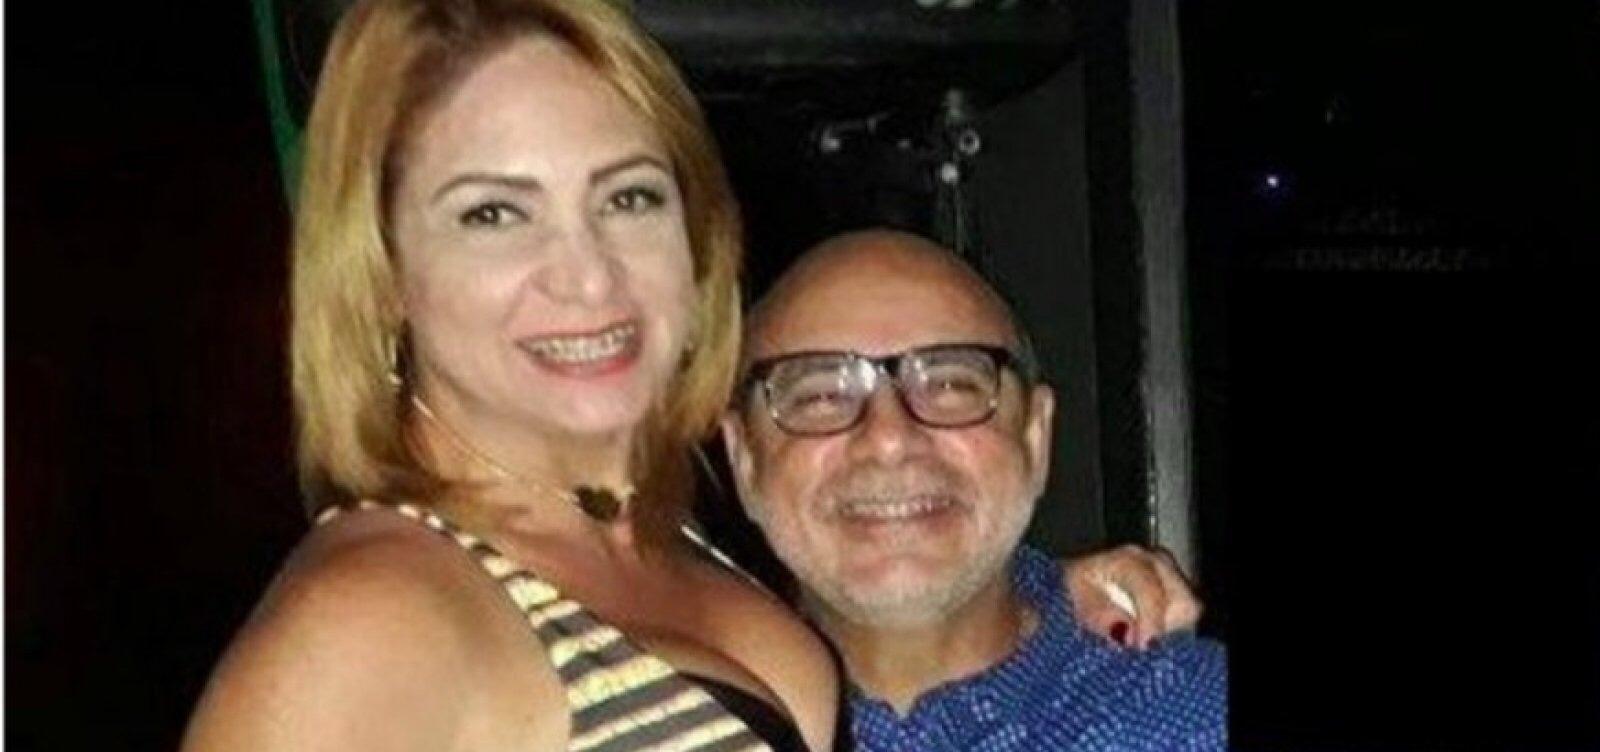 Mulher de Queiroz busca advogados e pretende fazer delação premiada